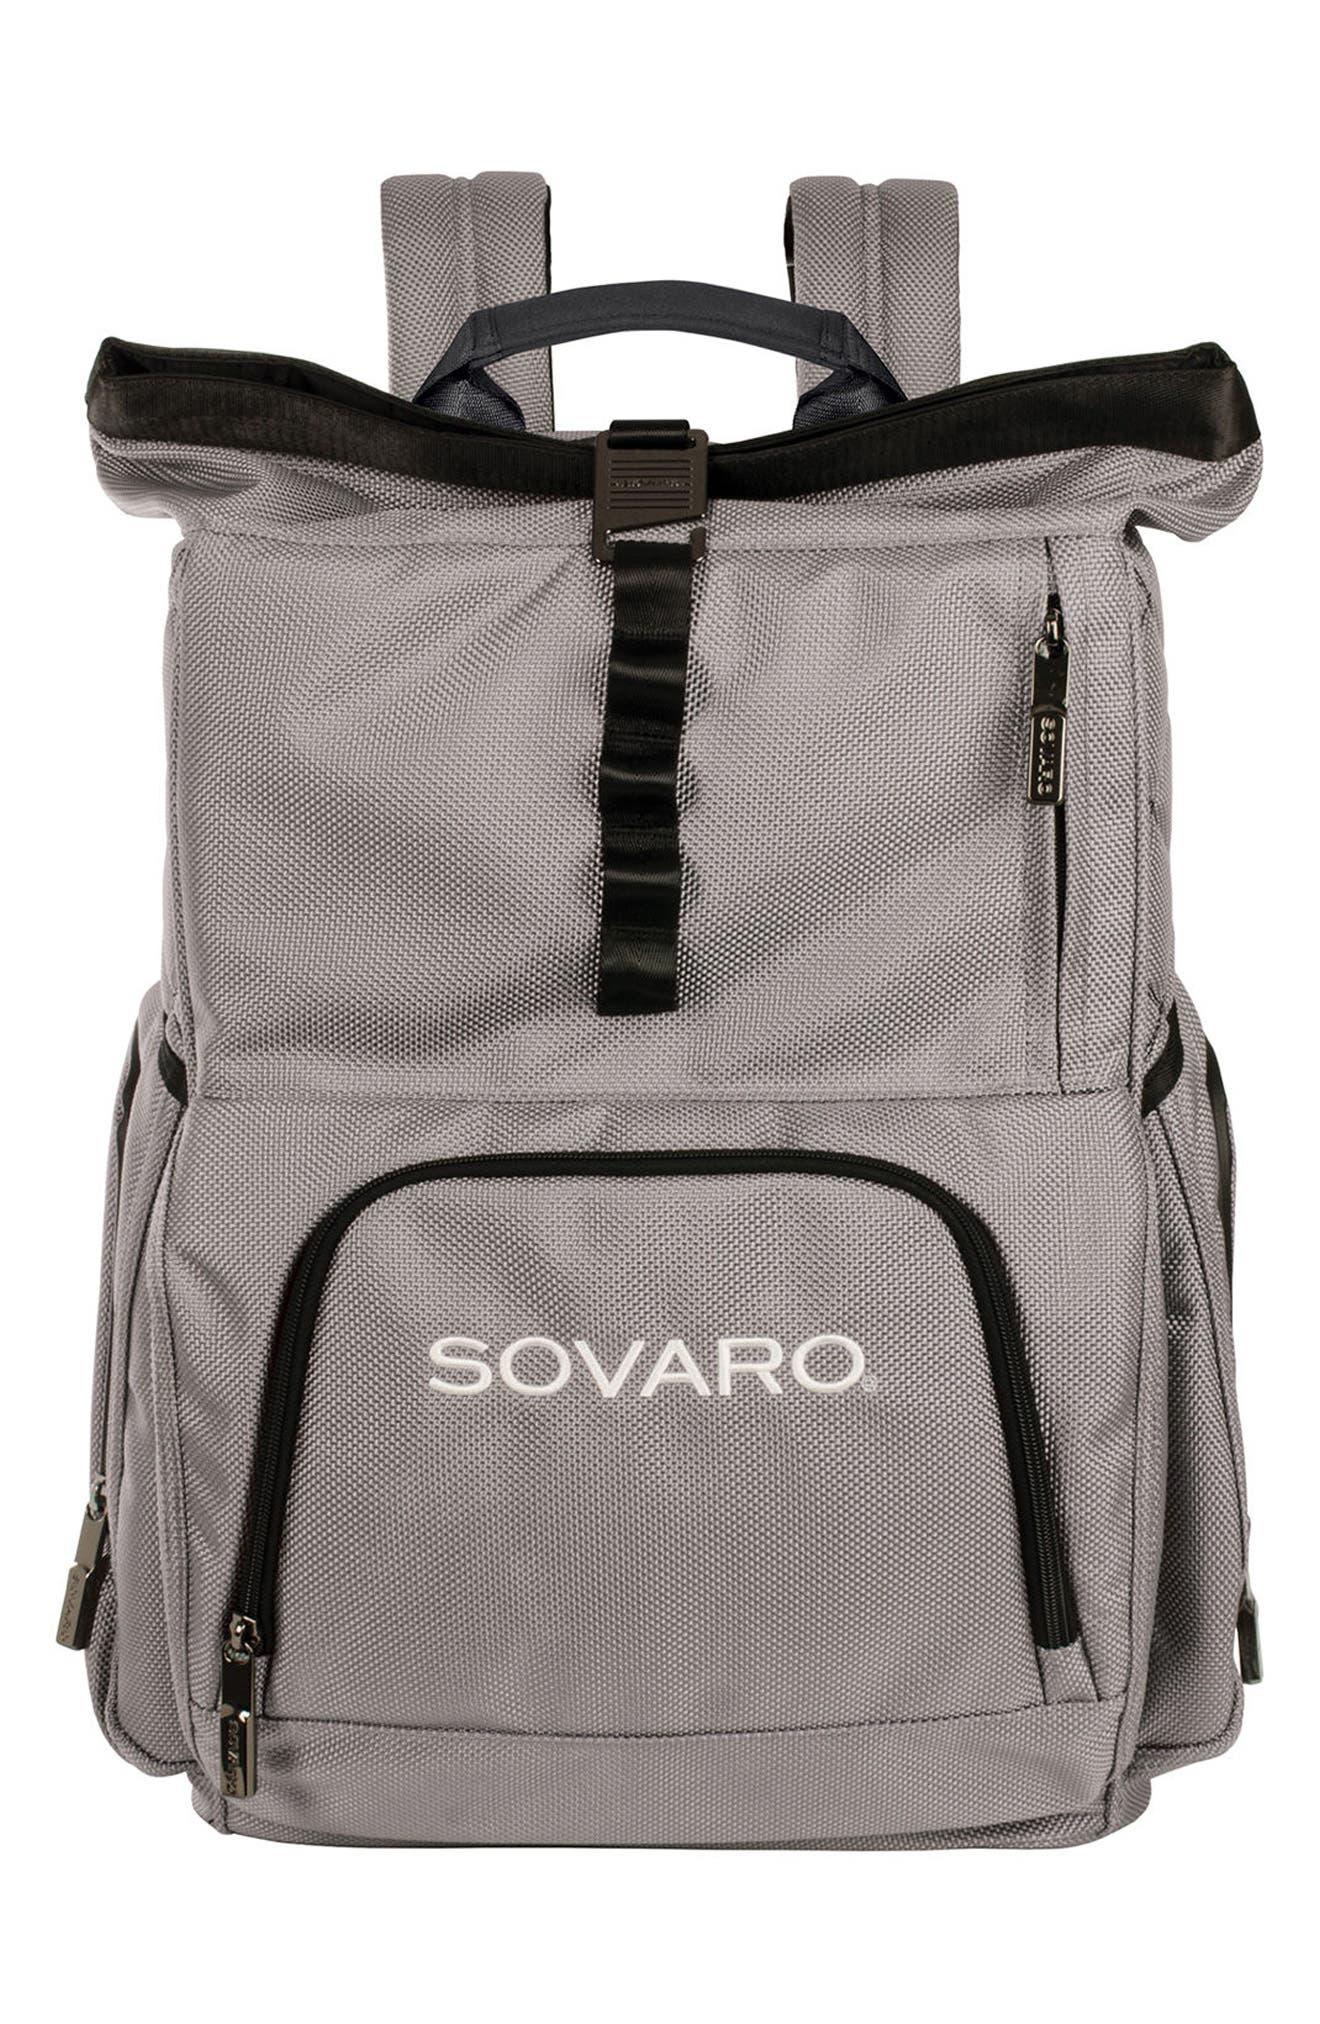 Alternate Image 1 Selected - Sovaro Backpack Cooler